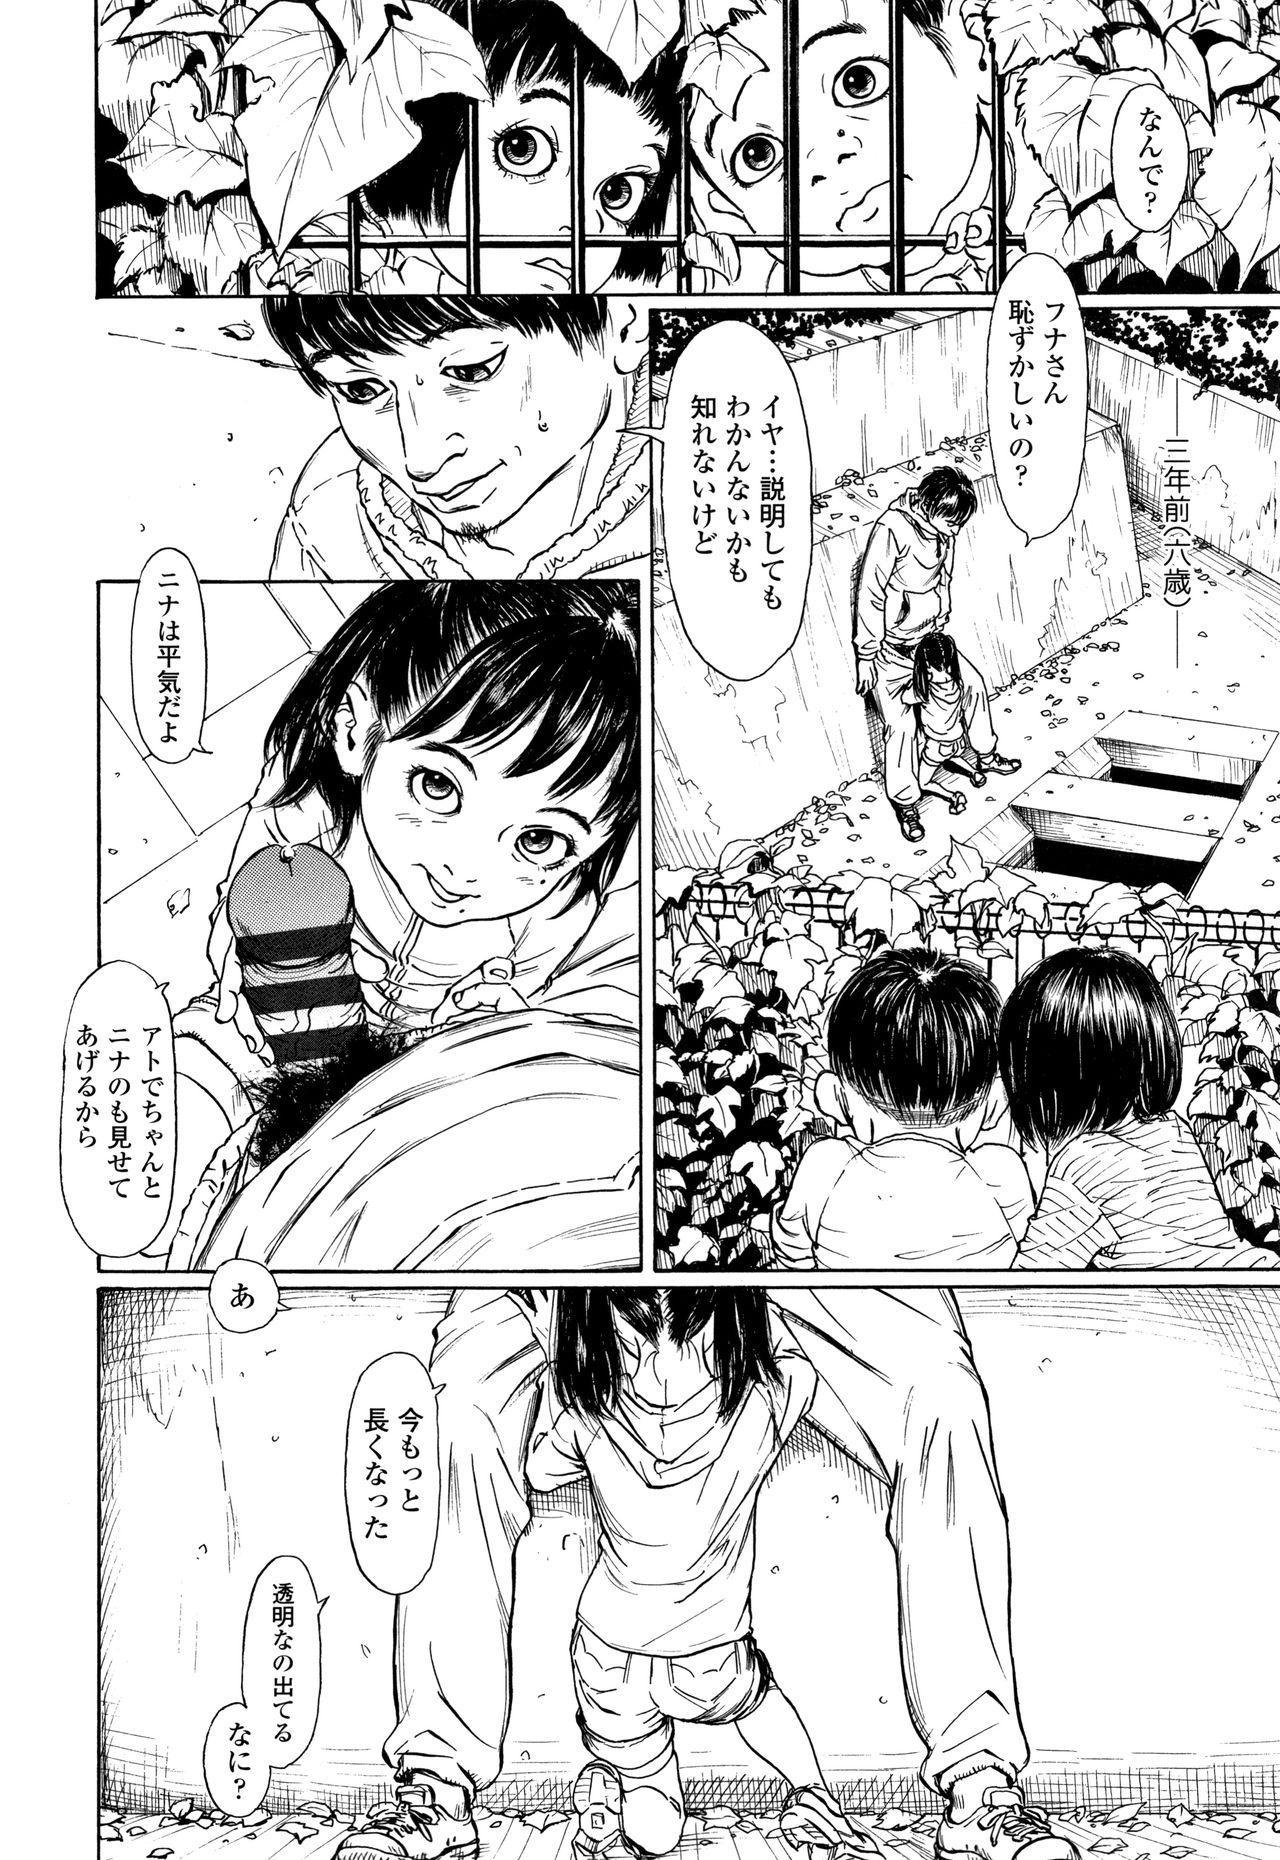 Chiisai Karada ni Shiroi Kage 122